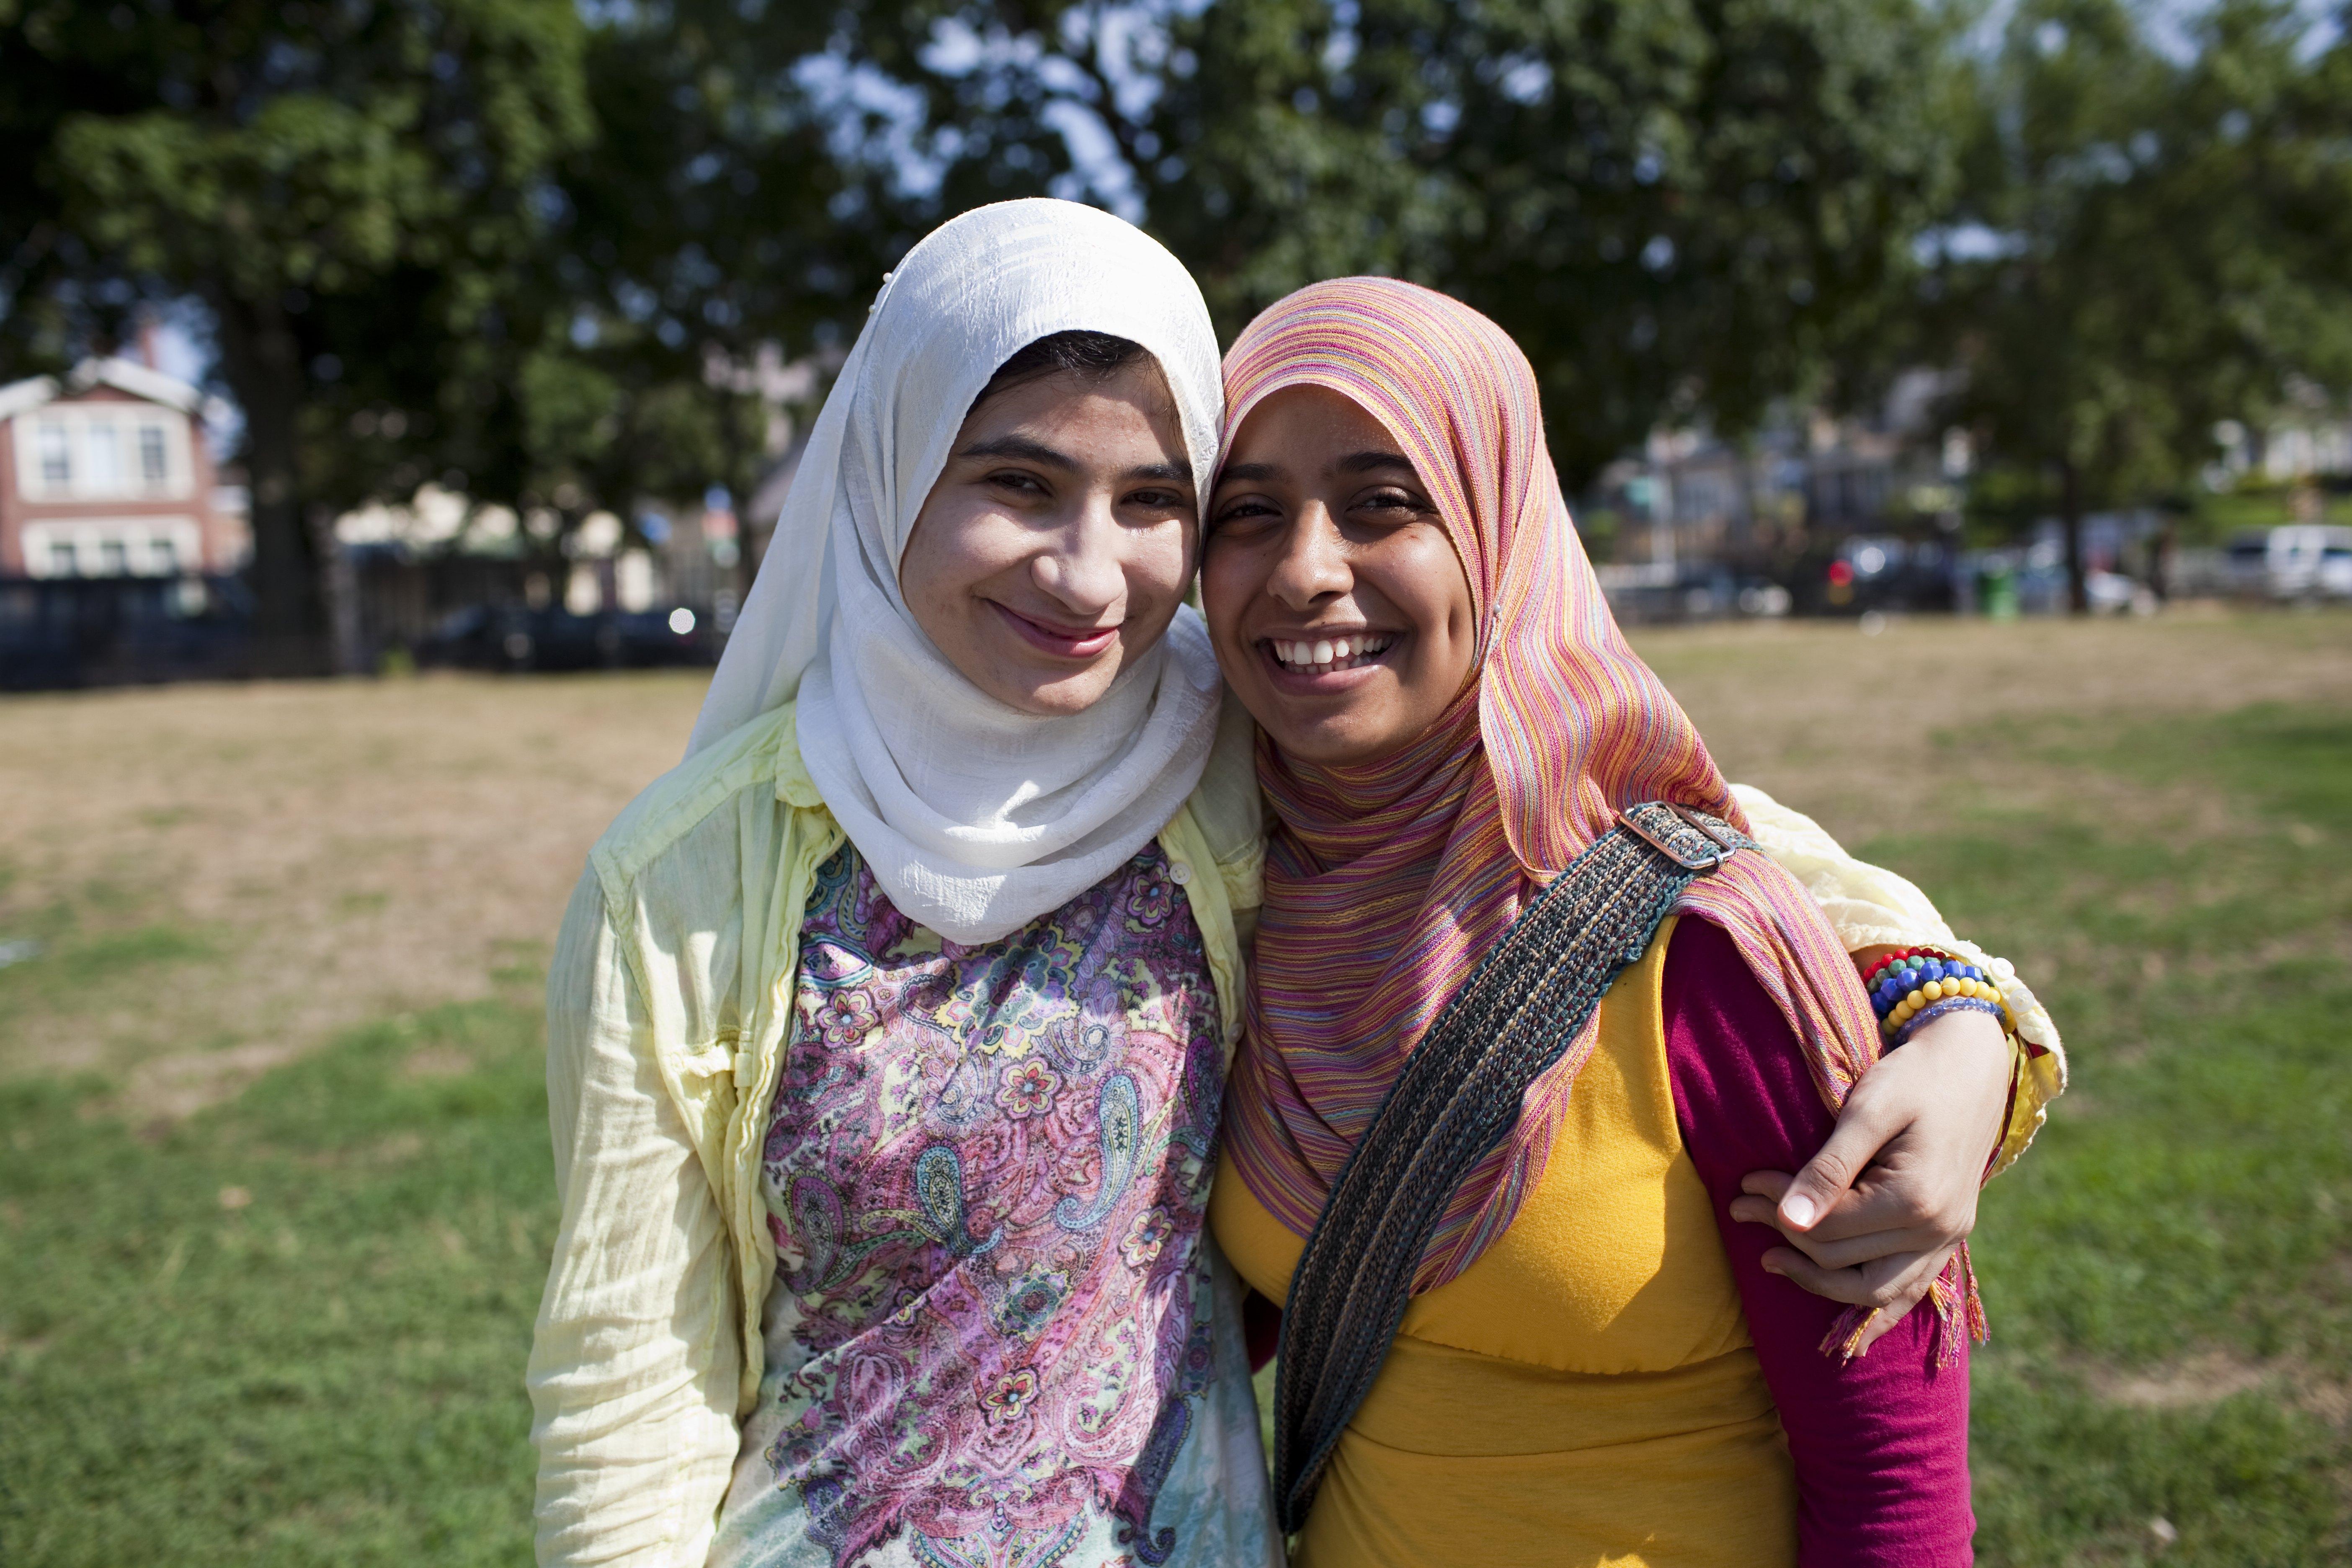 Dos mujeres jóvenes con tocados sonríen y posan para la cámara al aire libre. (© Getty Images)